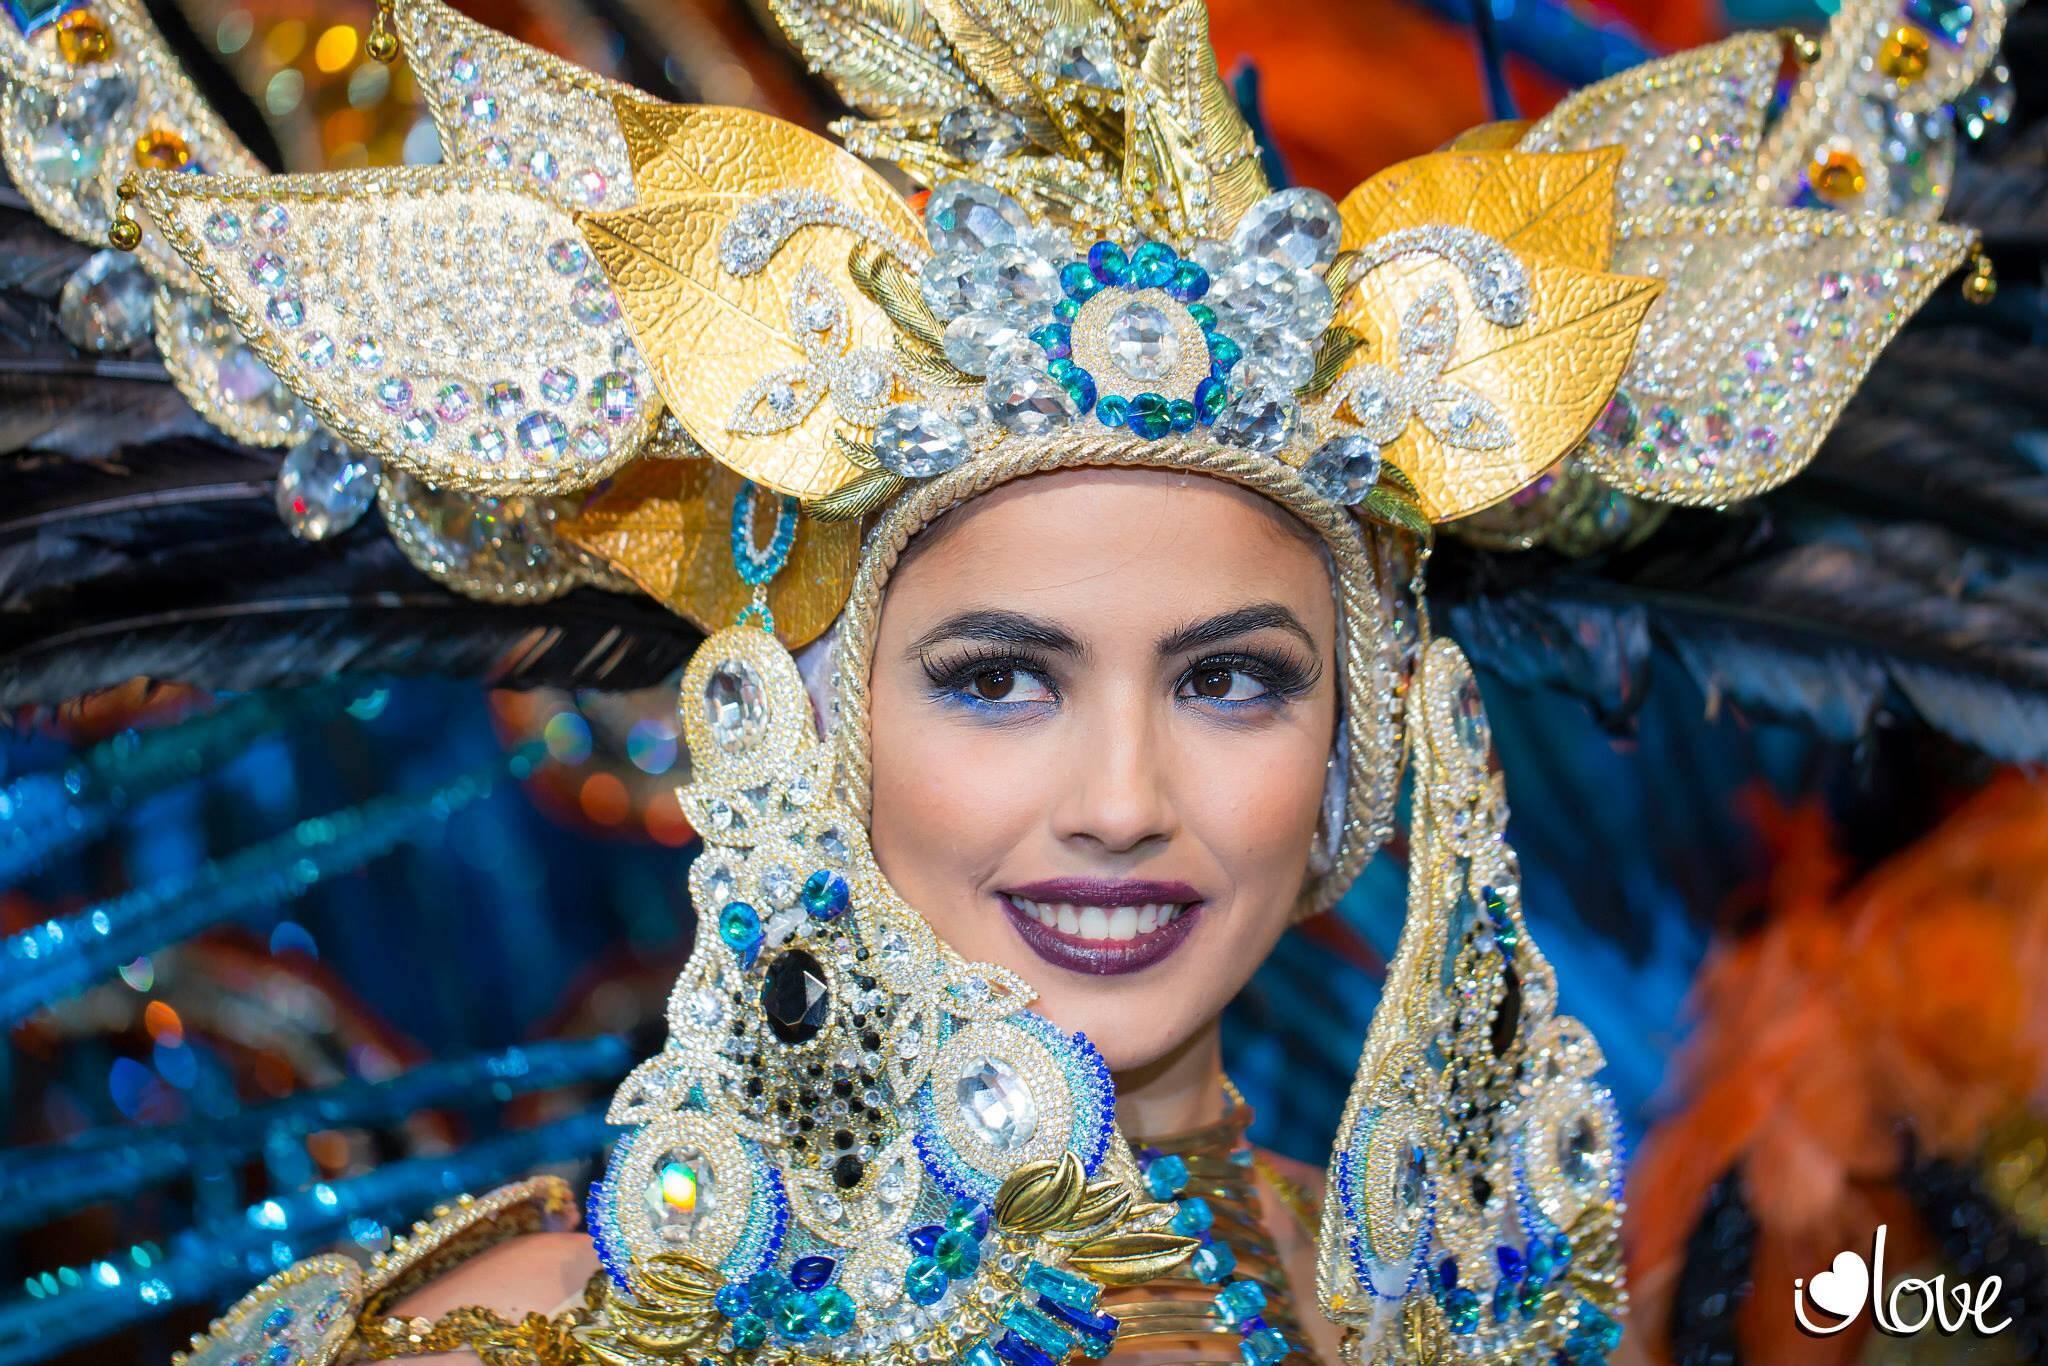 Reina del Carnaval de Tenerife 2014